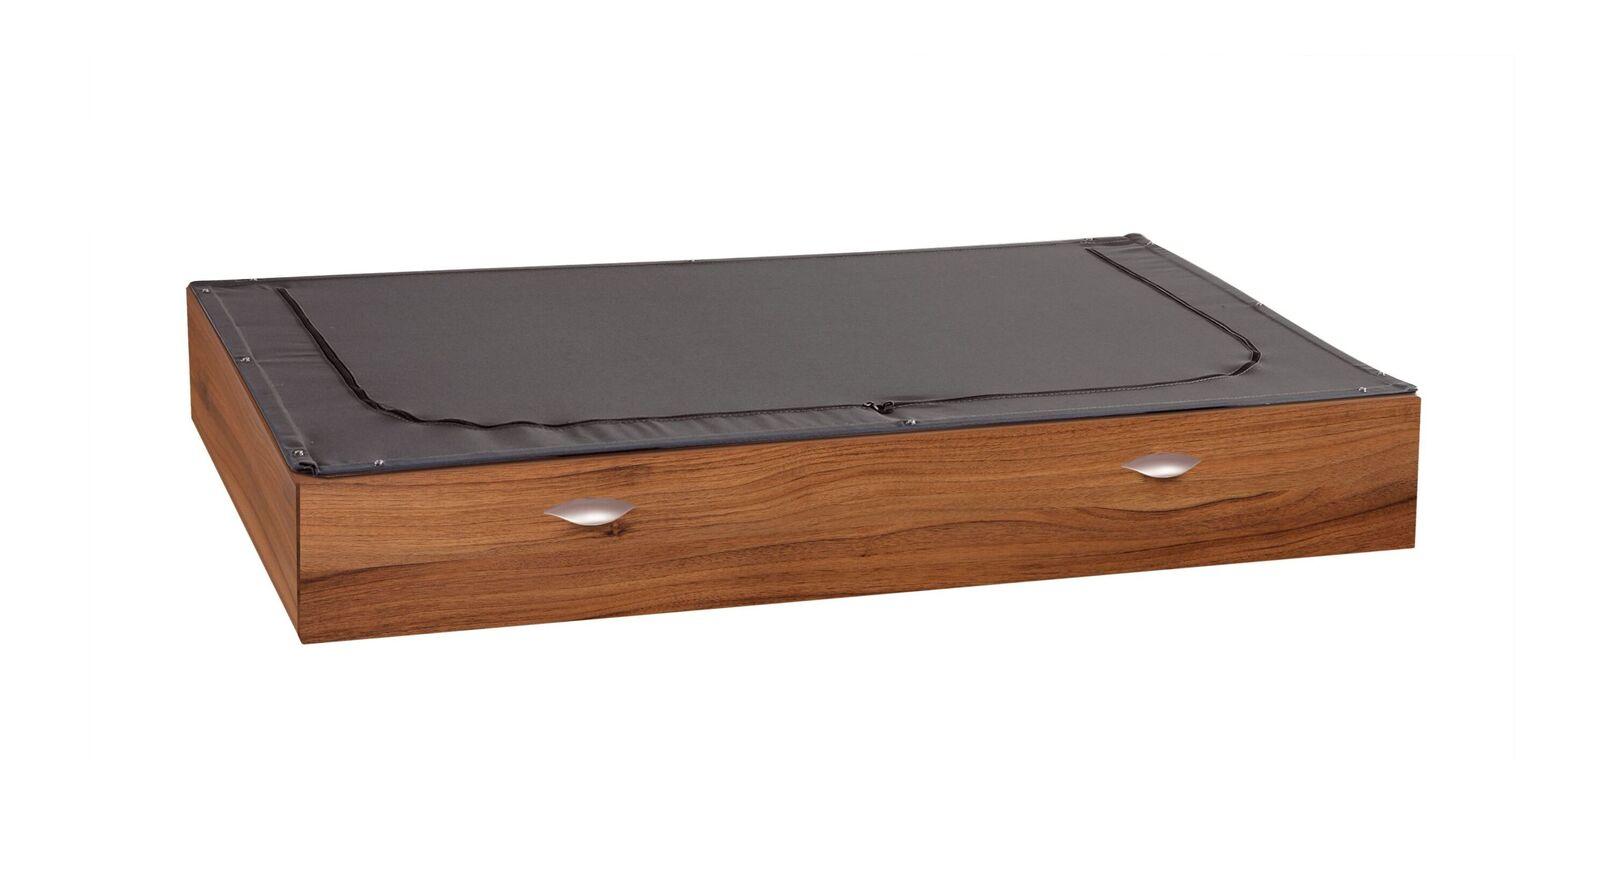 Bett-Schubkasten Pesaro mit hochwertigem Stoffdeckel